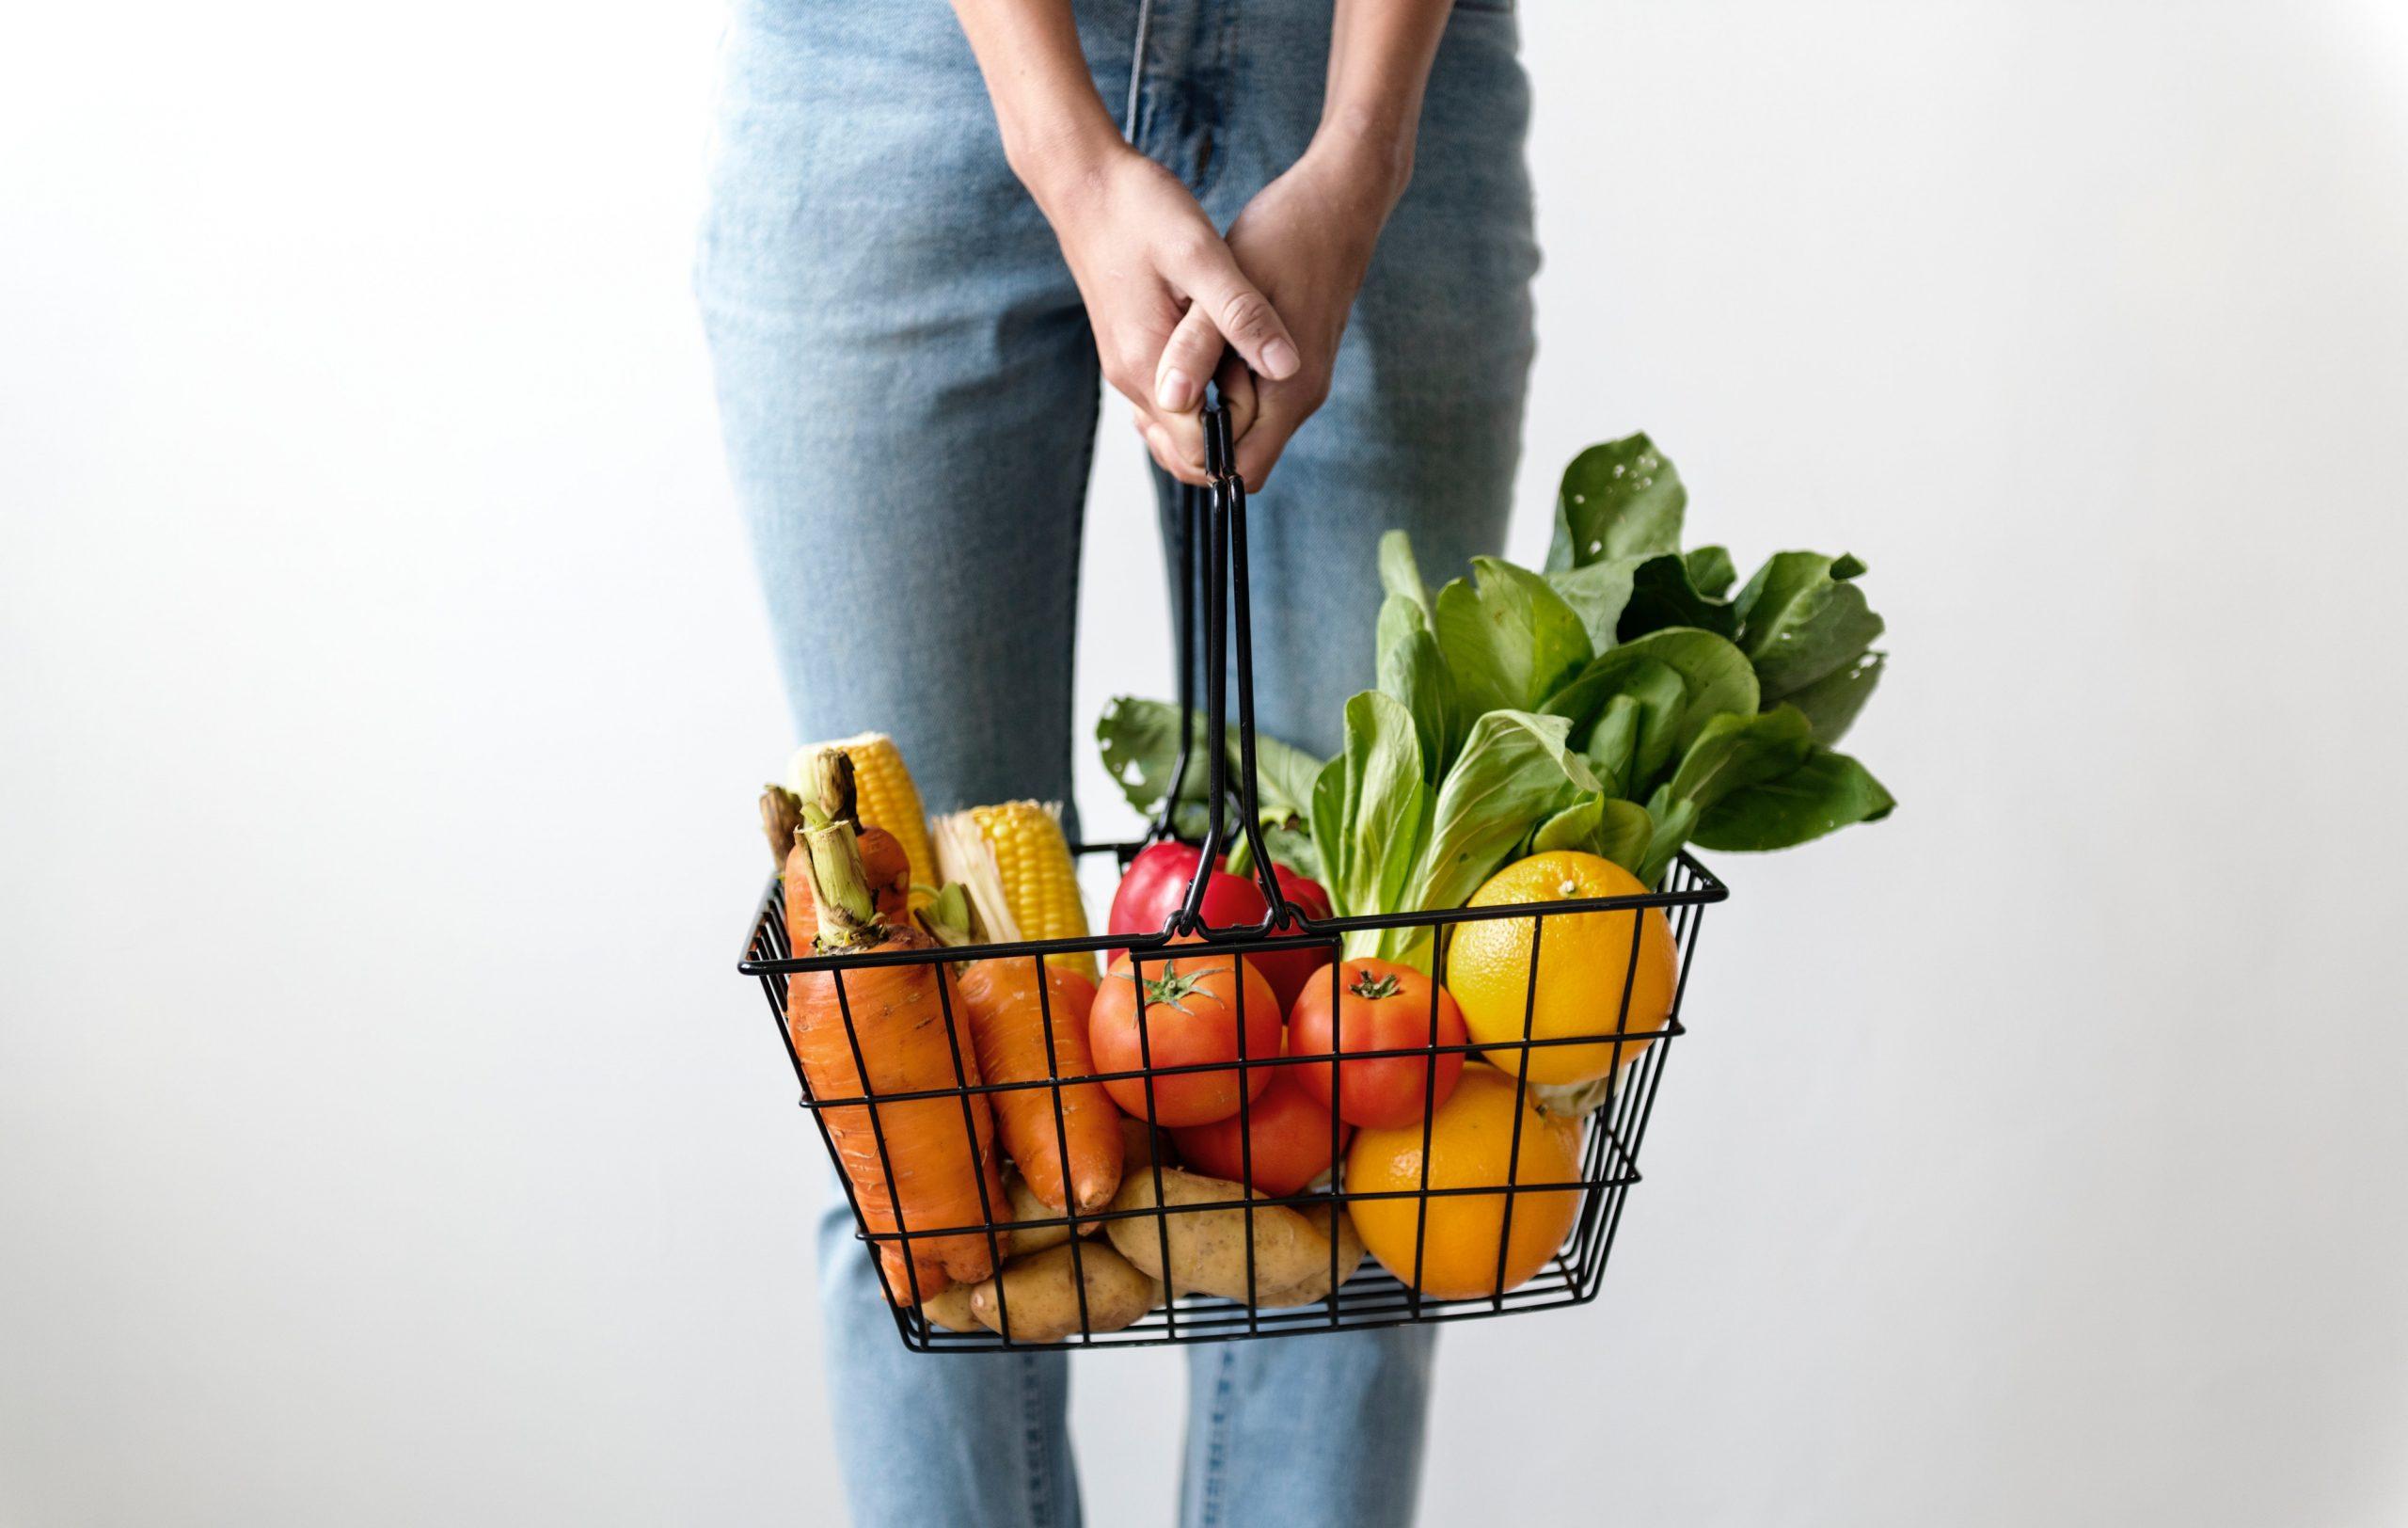 Încearcă dieta vegană pentru slăbit - Doza de Sănătate